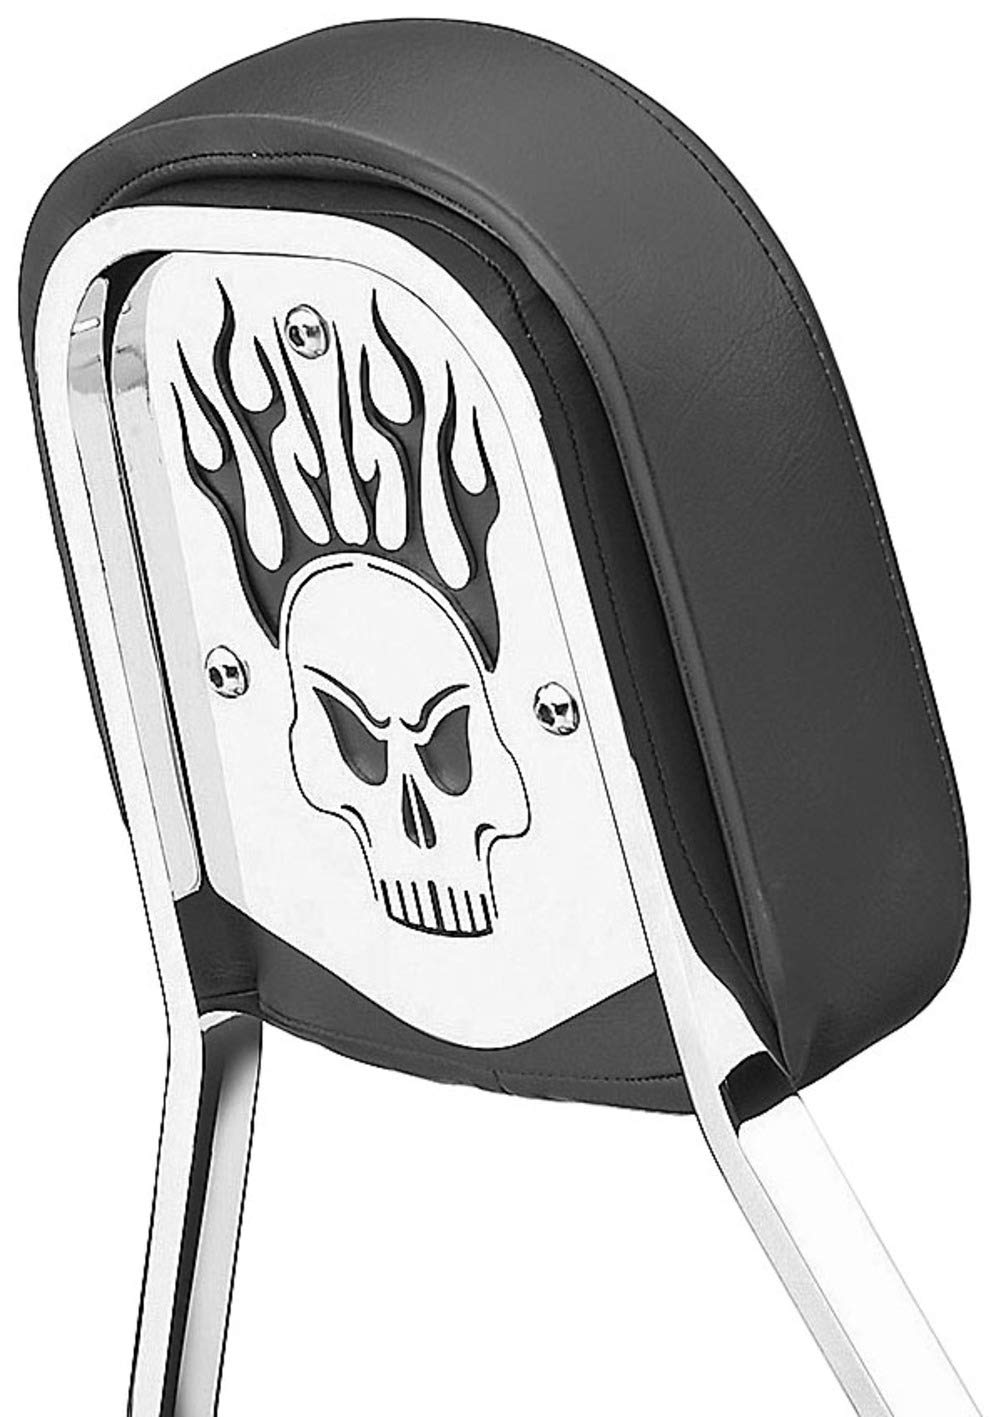 Cobra Chrome Backrest Insert For Tall Square Backrests Skull